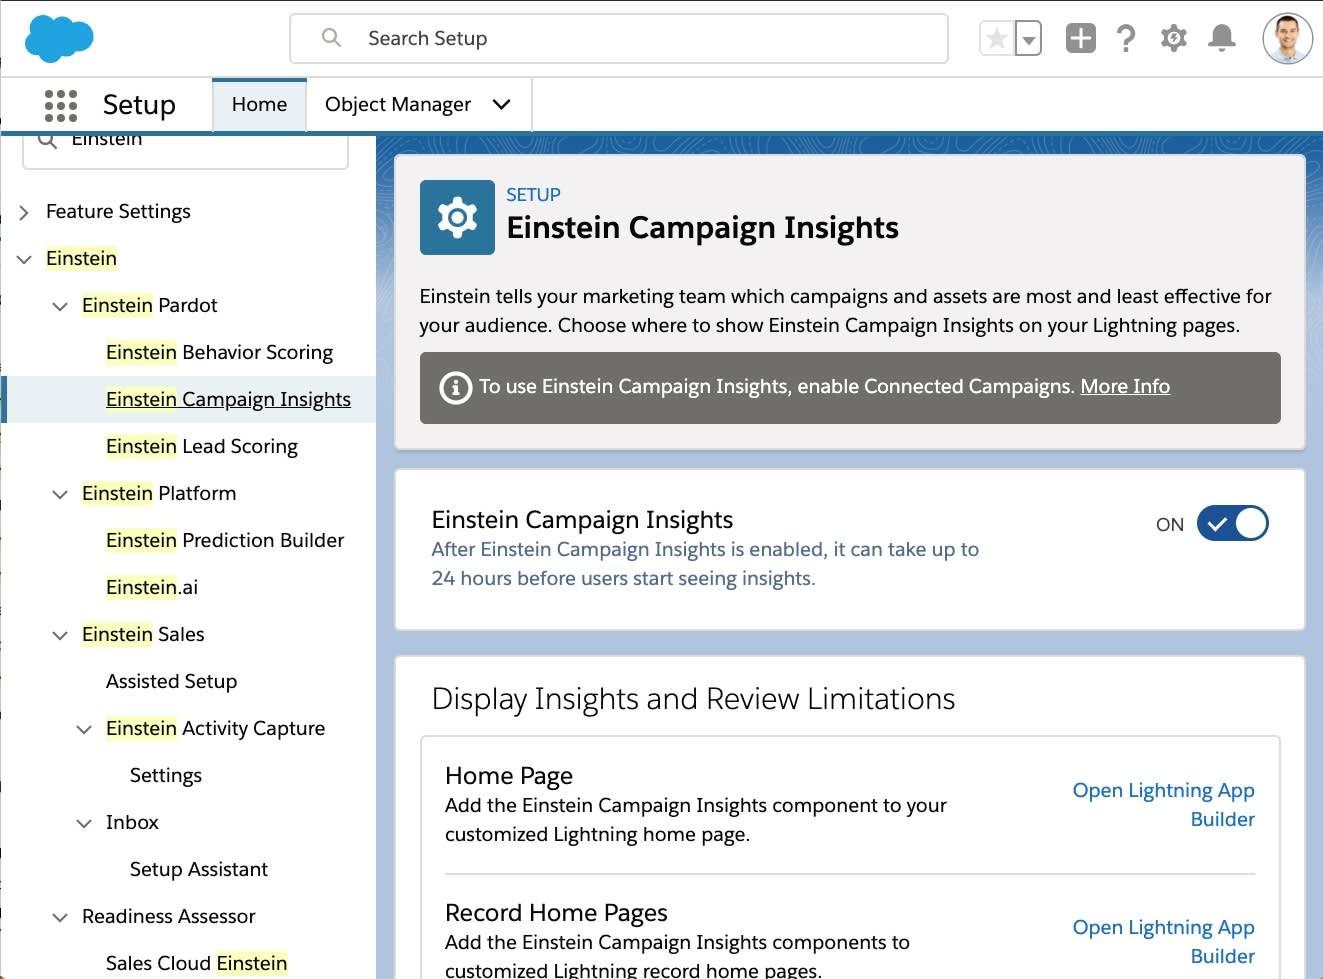 [設定] メニューで有効化される Einstein キャンペーン インサイト。